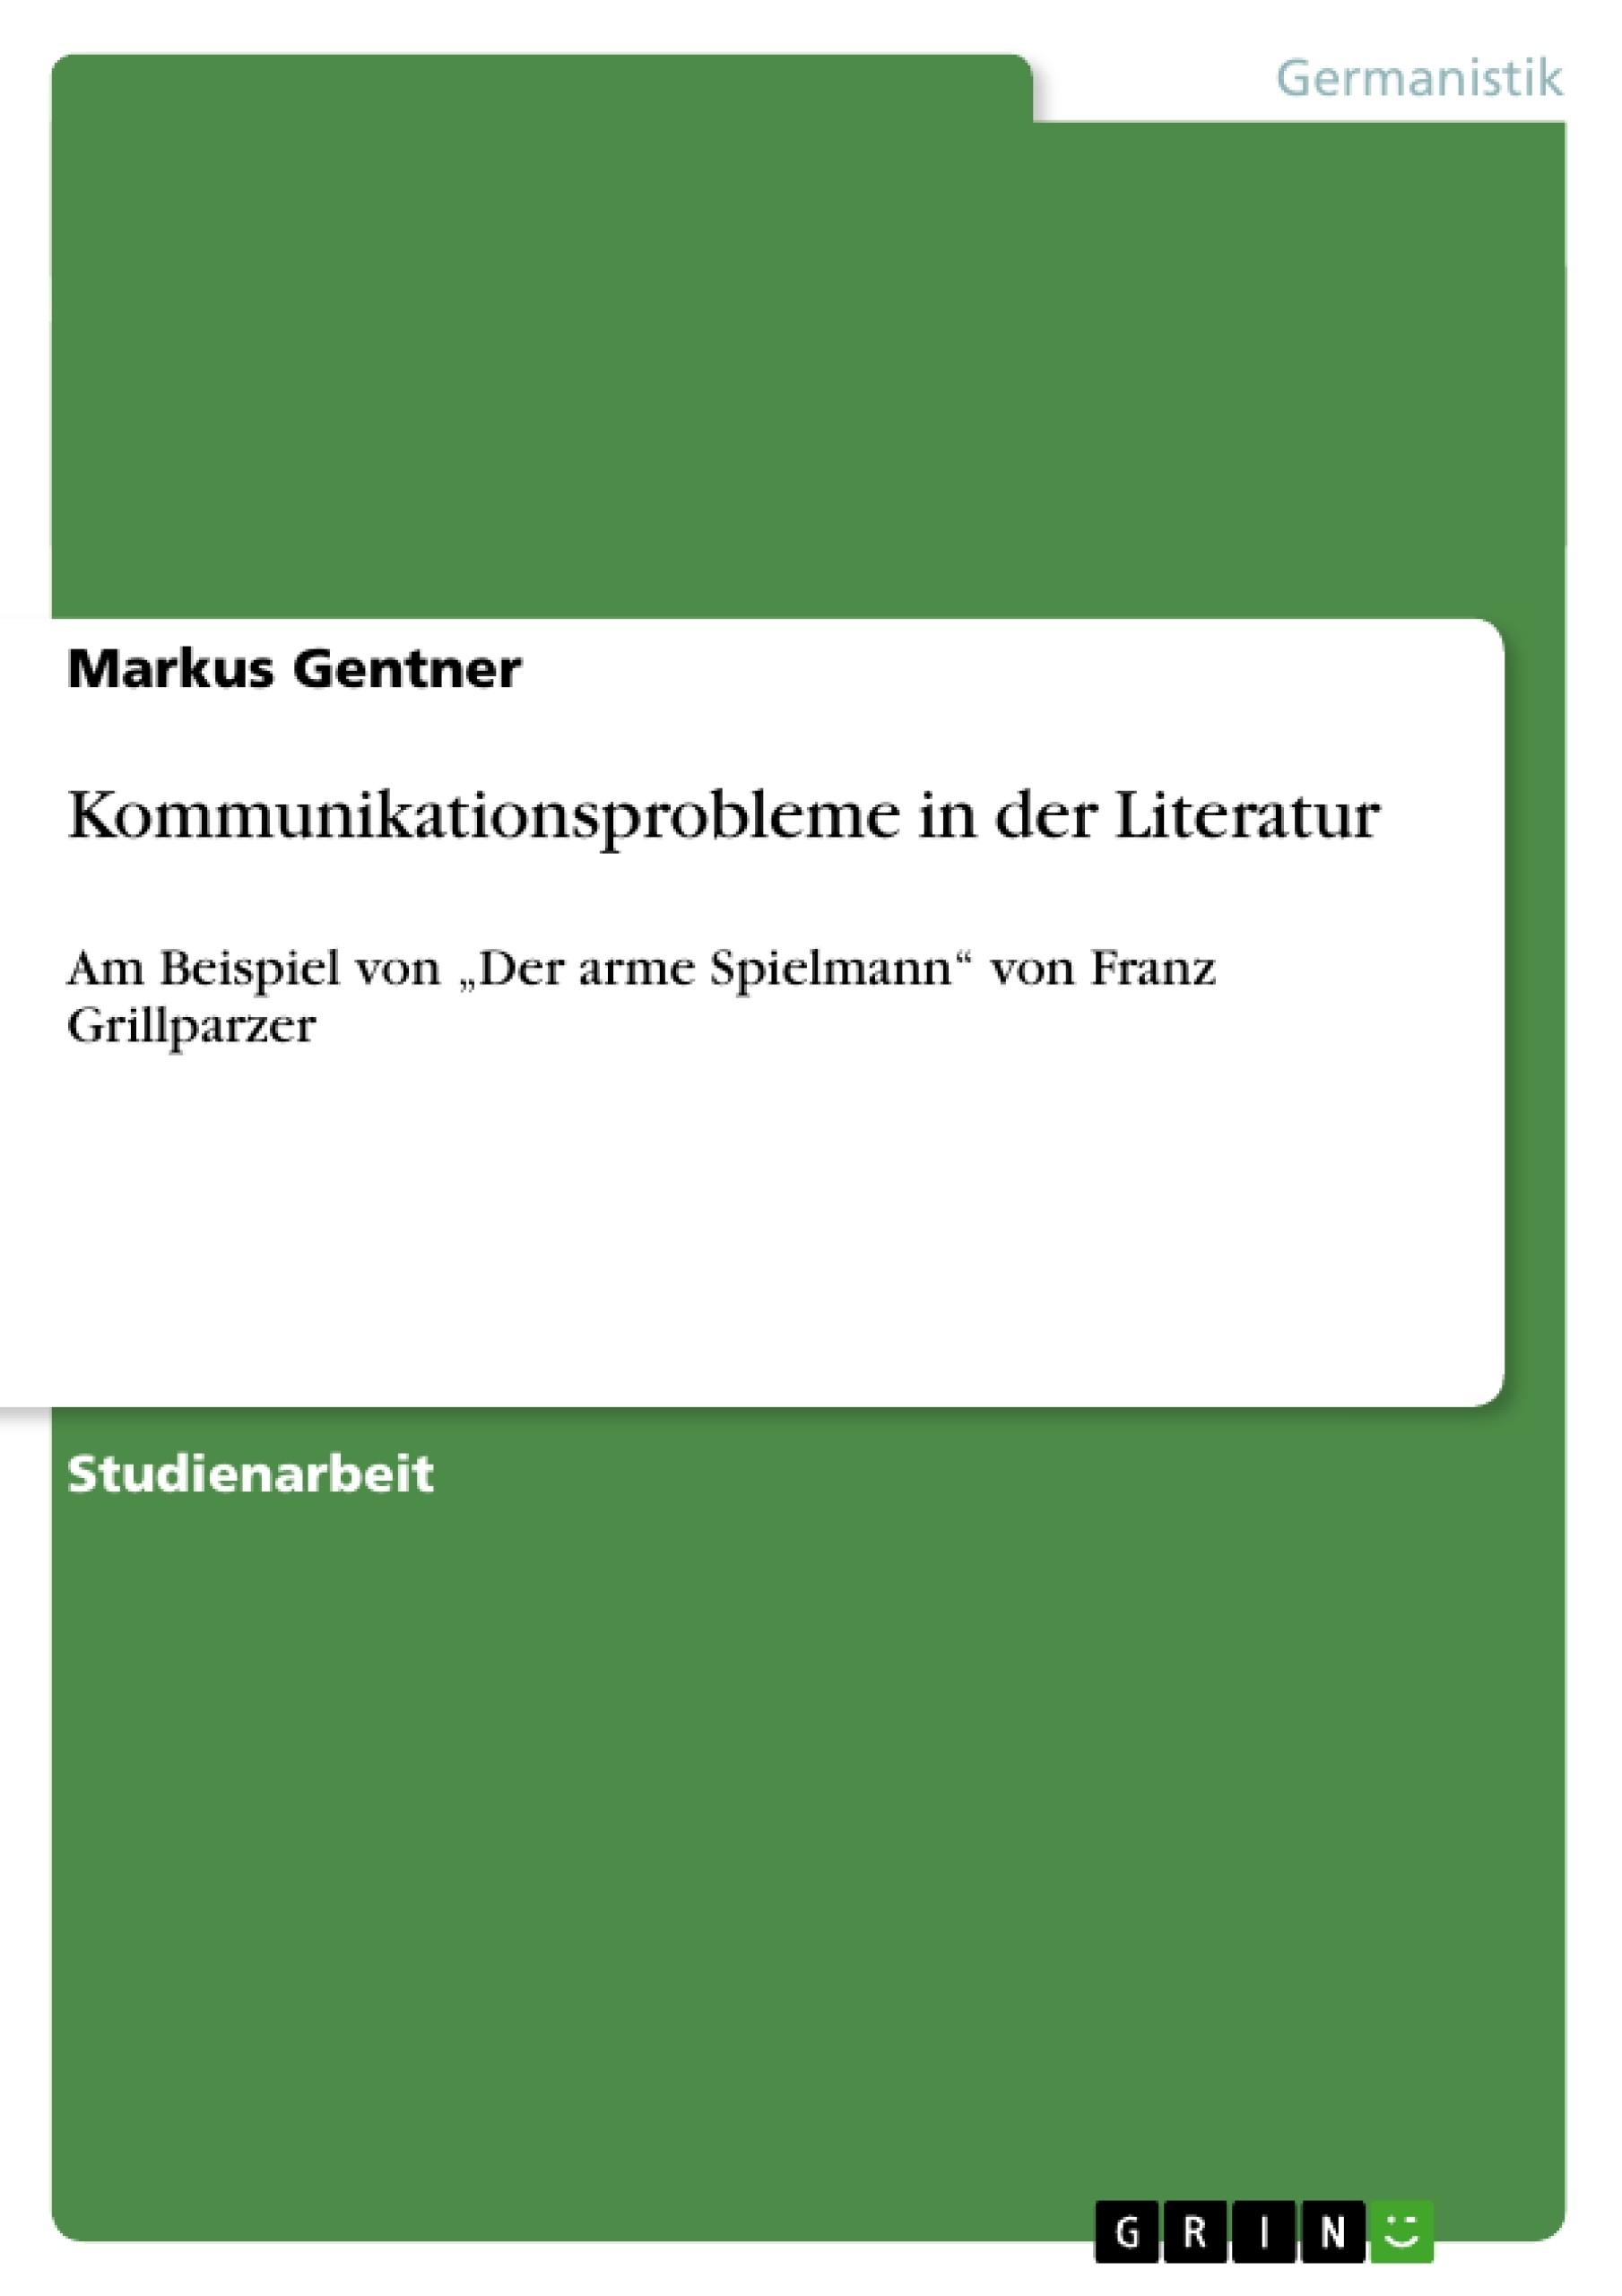 Titel: Kommunikationsprobleme in der Literatur